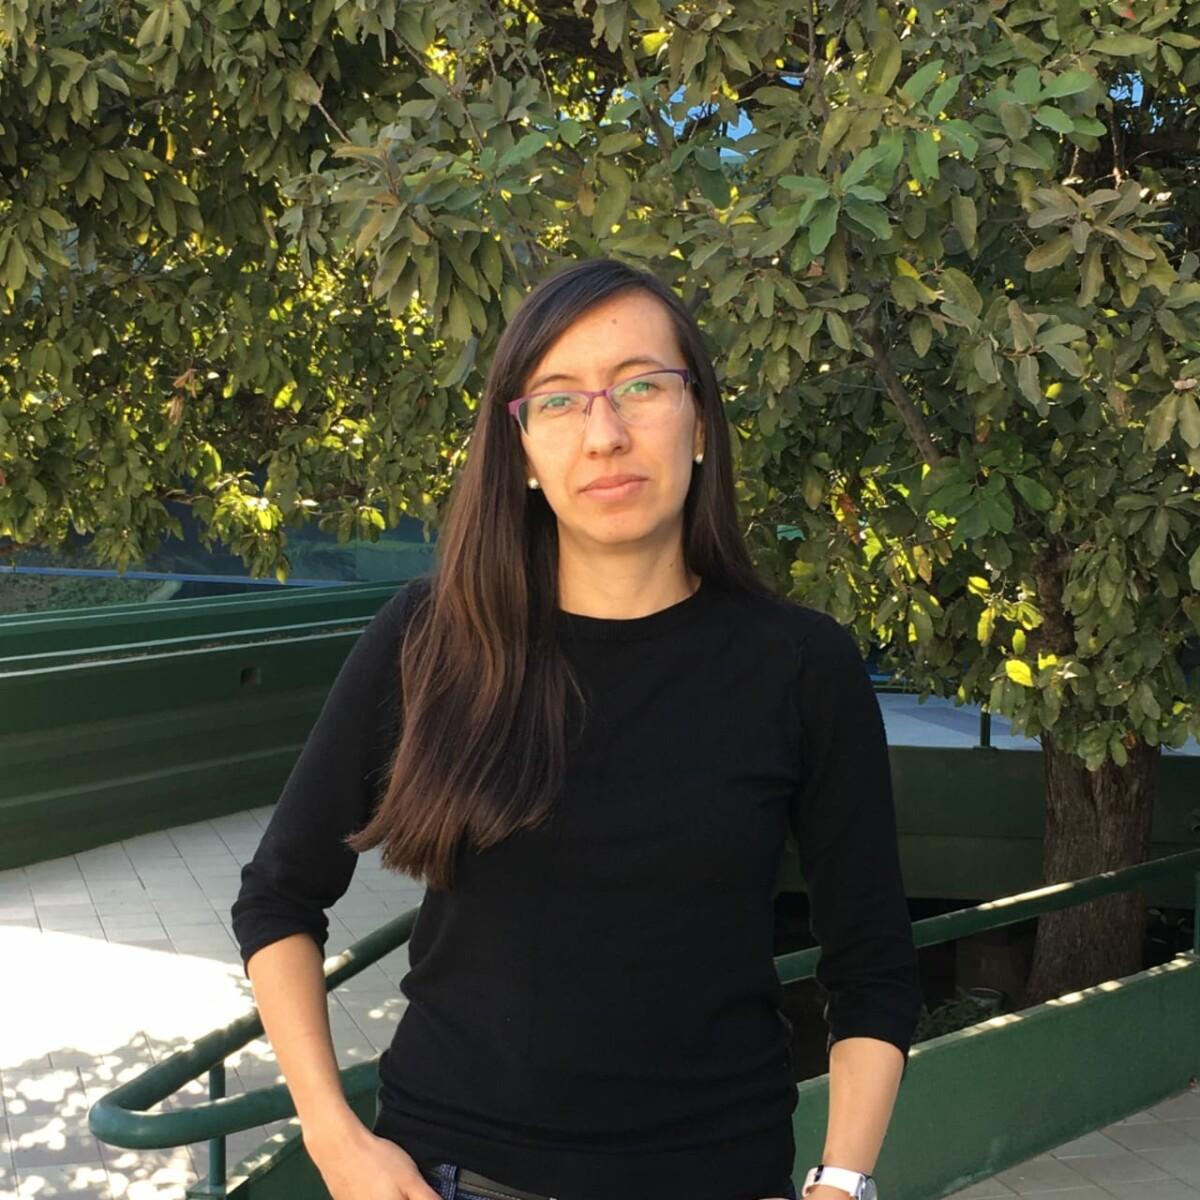 María Elena Huertas Bolanos